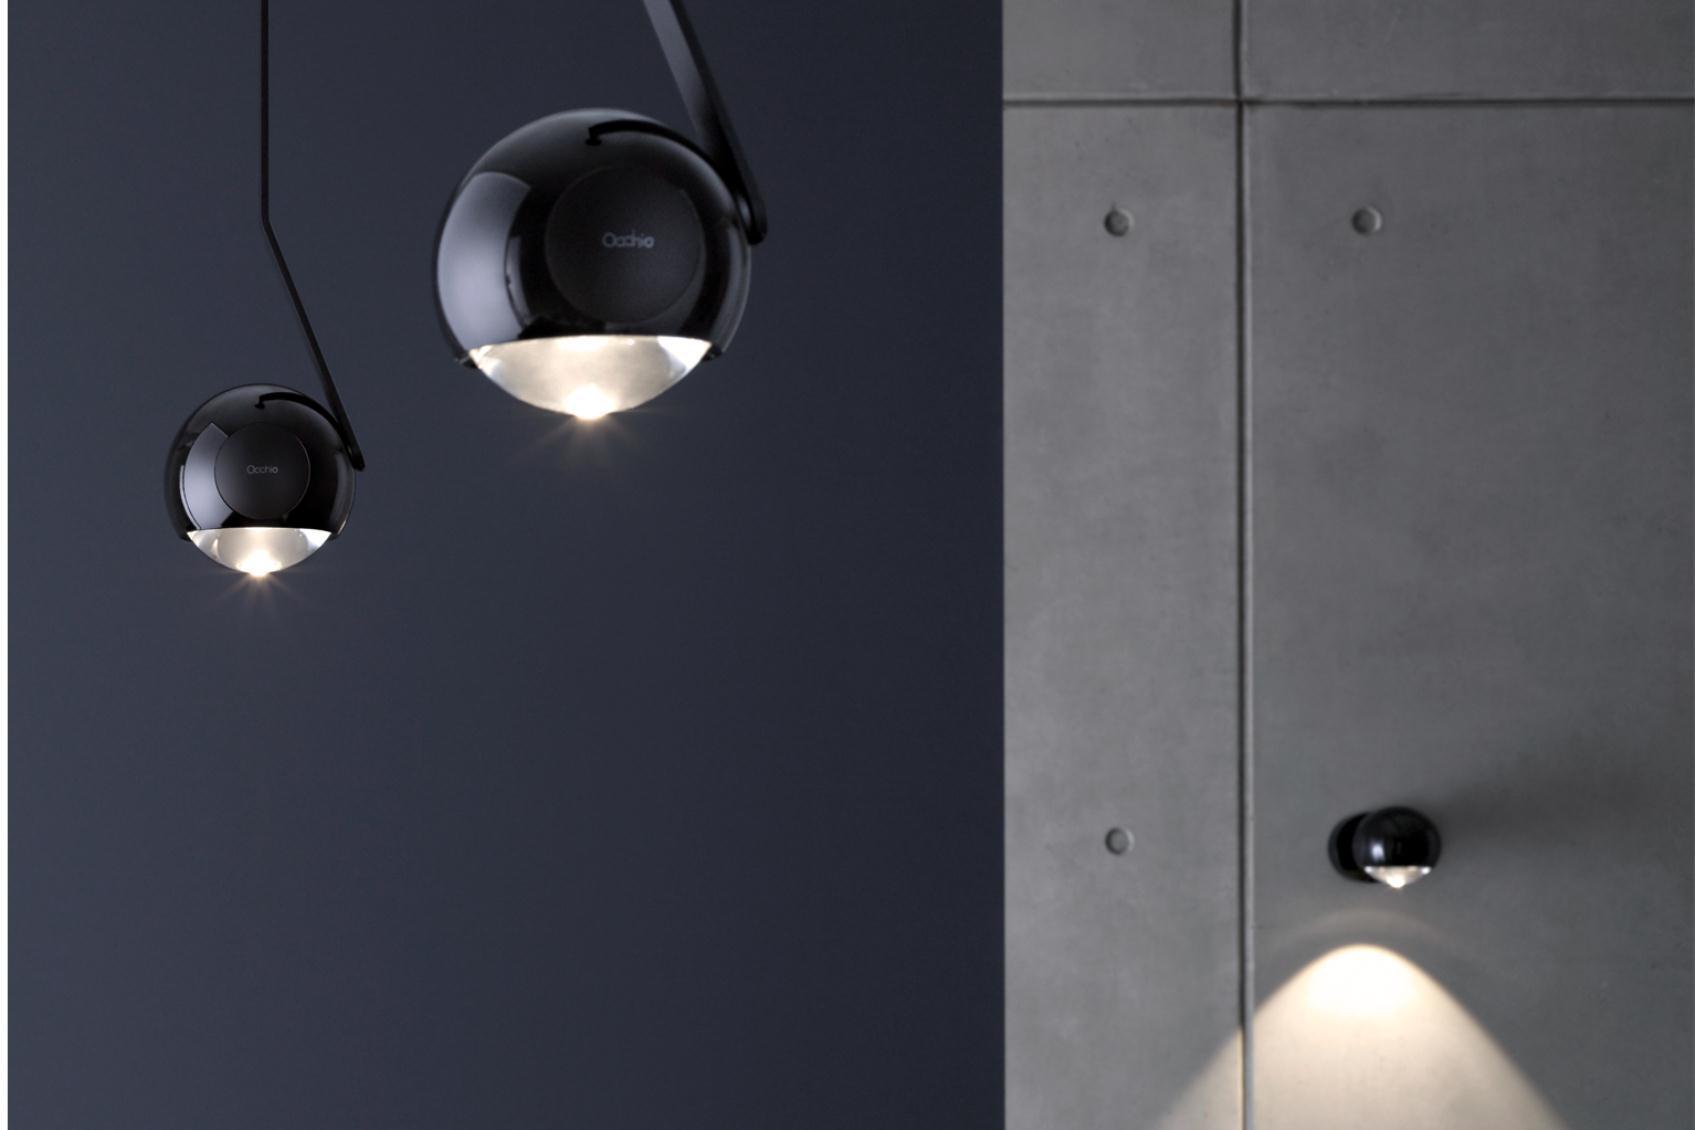 design verlichting occhio zowel wandlamp , hanglamp , opbouwspot en tafellamp